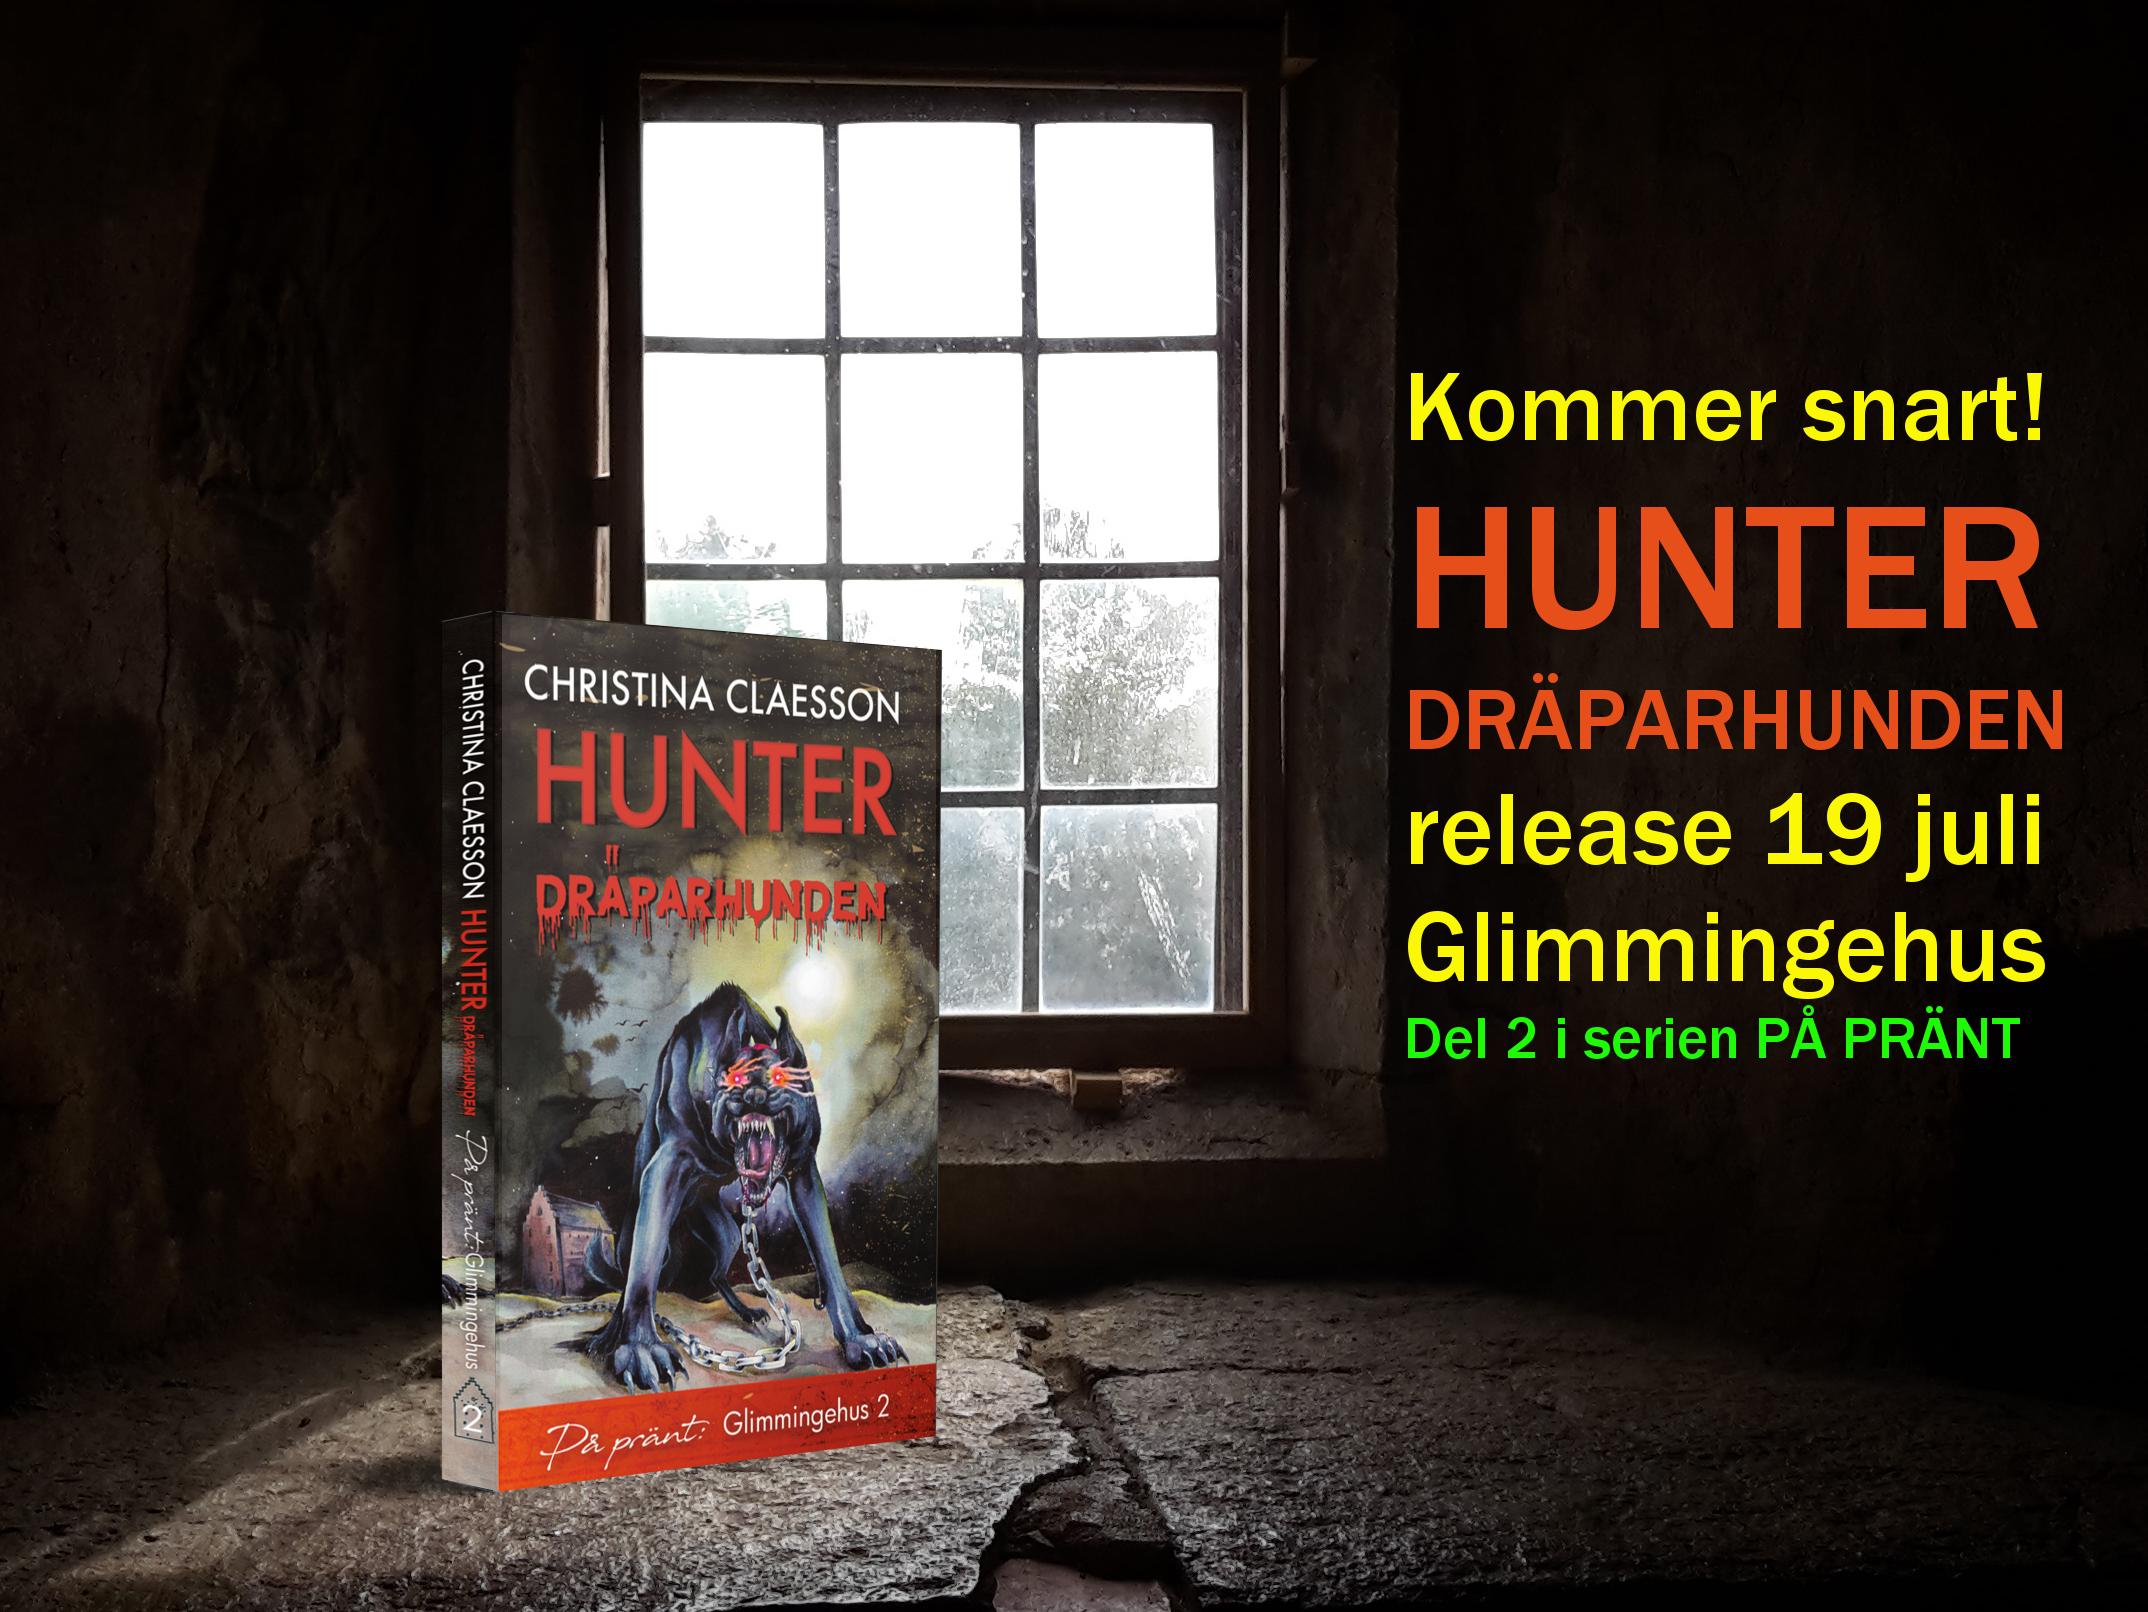 Hunter dräparhunden, utkommer 19 juli med release på Glimmingehus